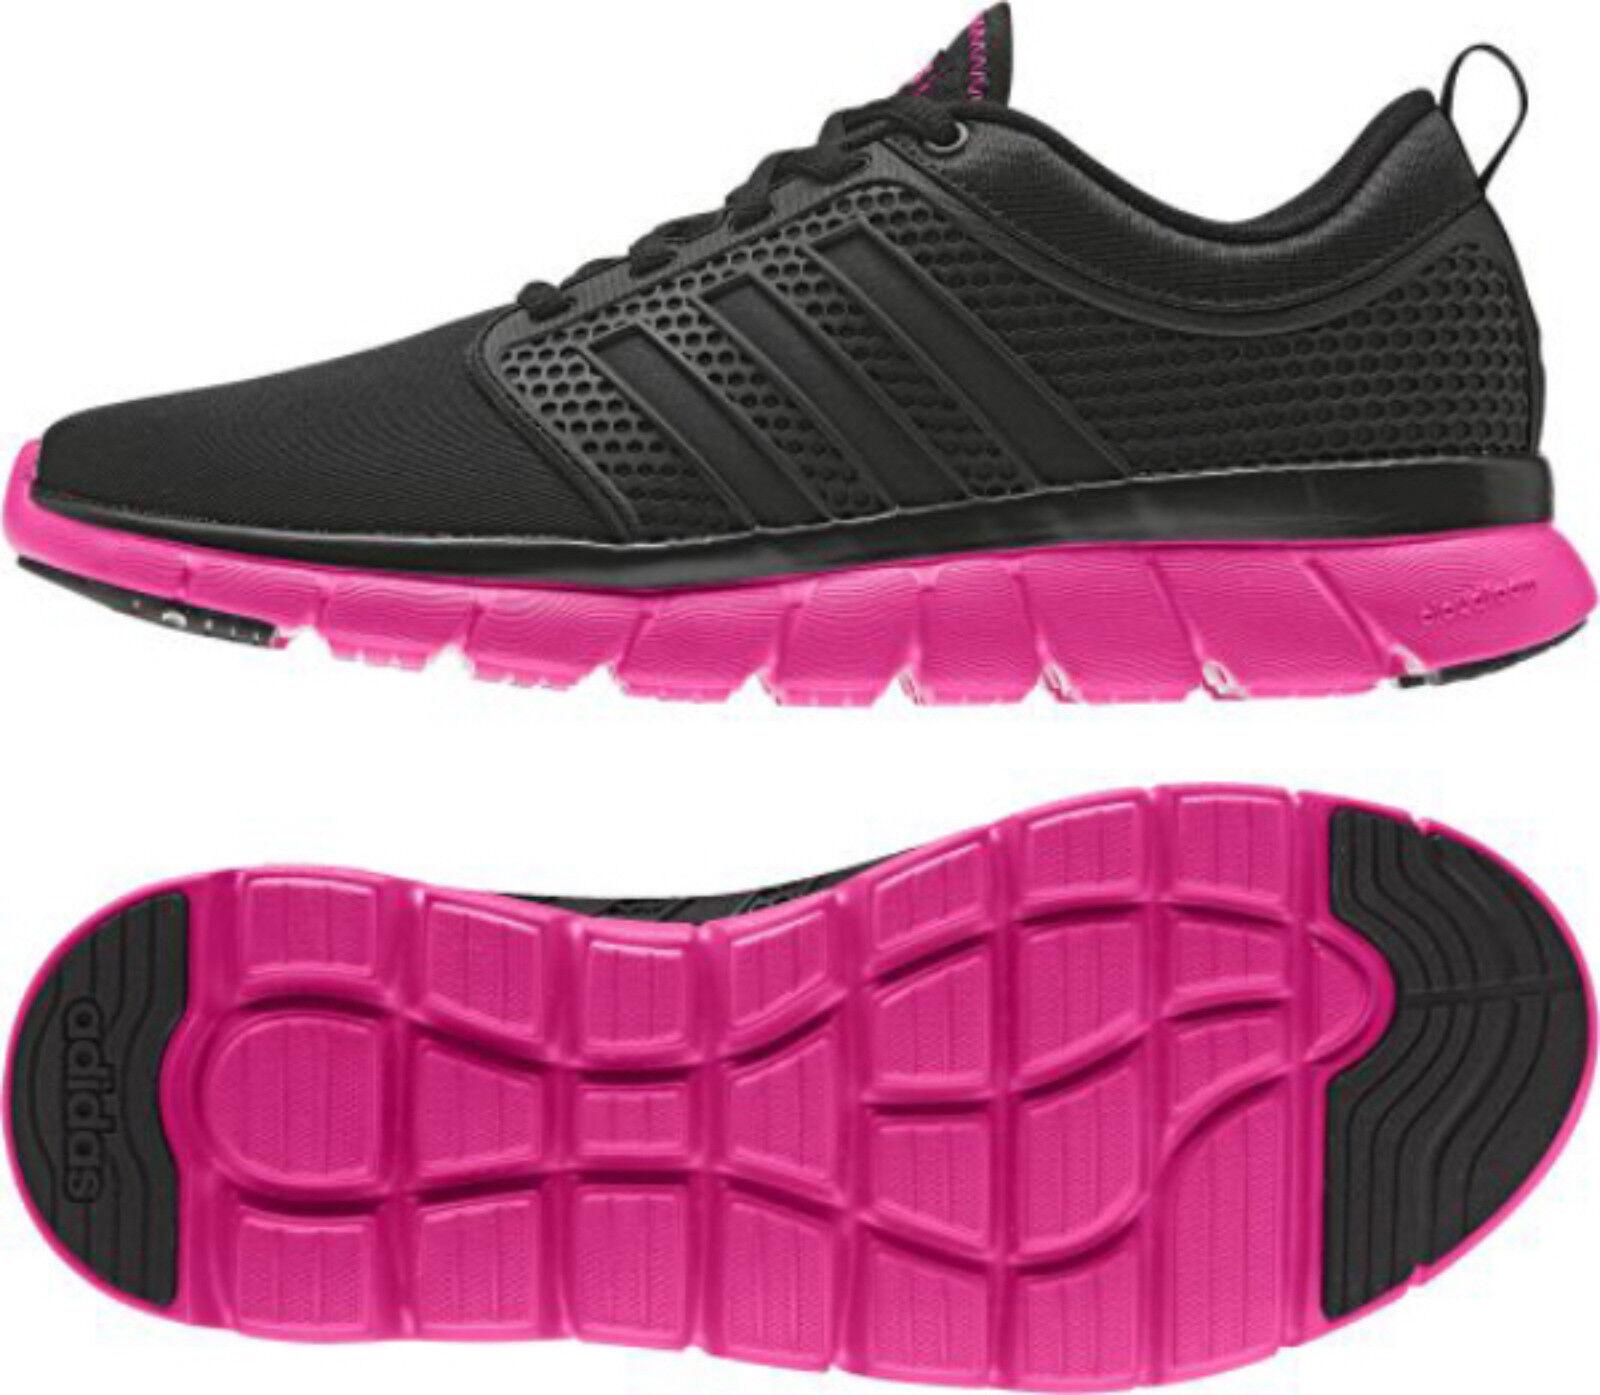 ADIDAS CLOUDFOAM GROOVE W schwarz Rosa  AQ1532  NEO Damen Turnschuhe Sportschuhe    Sonderaktionen zum Jahresende